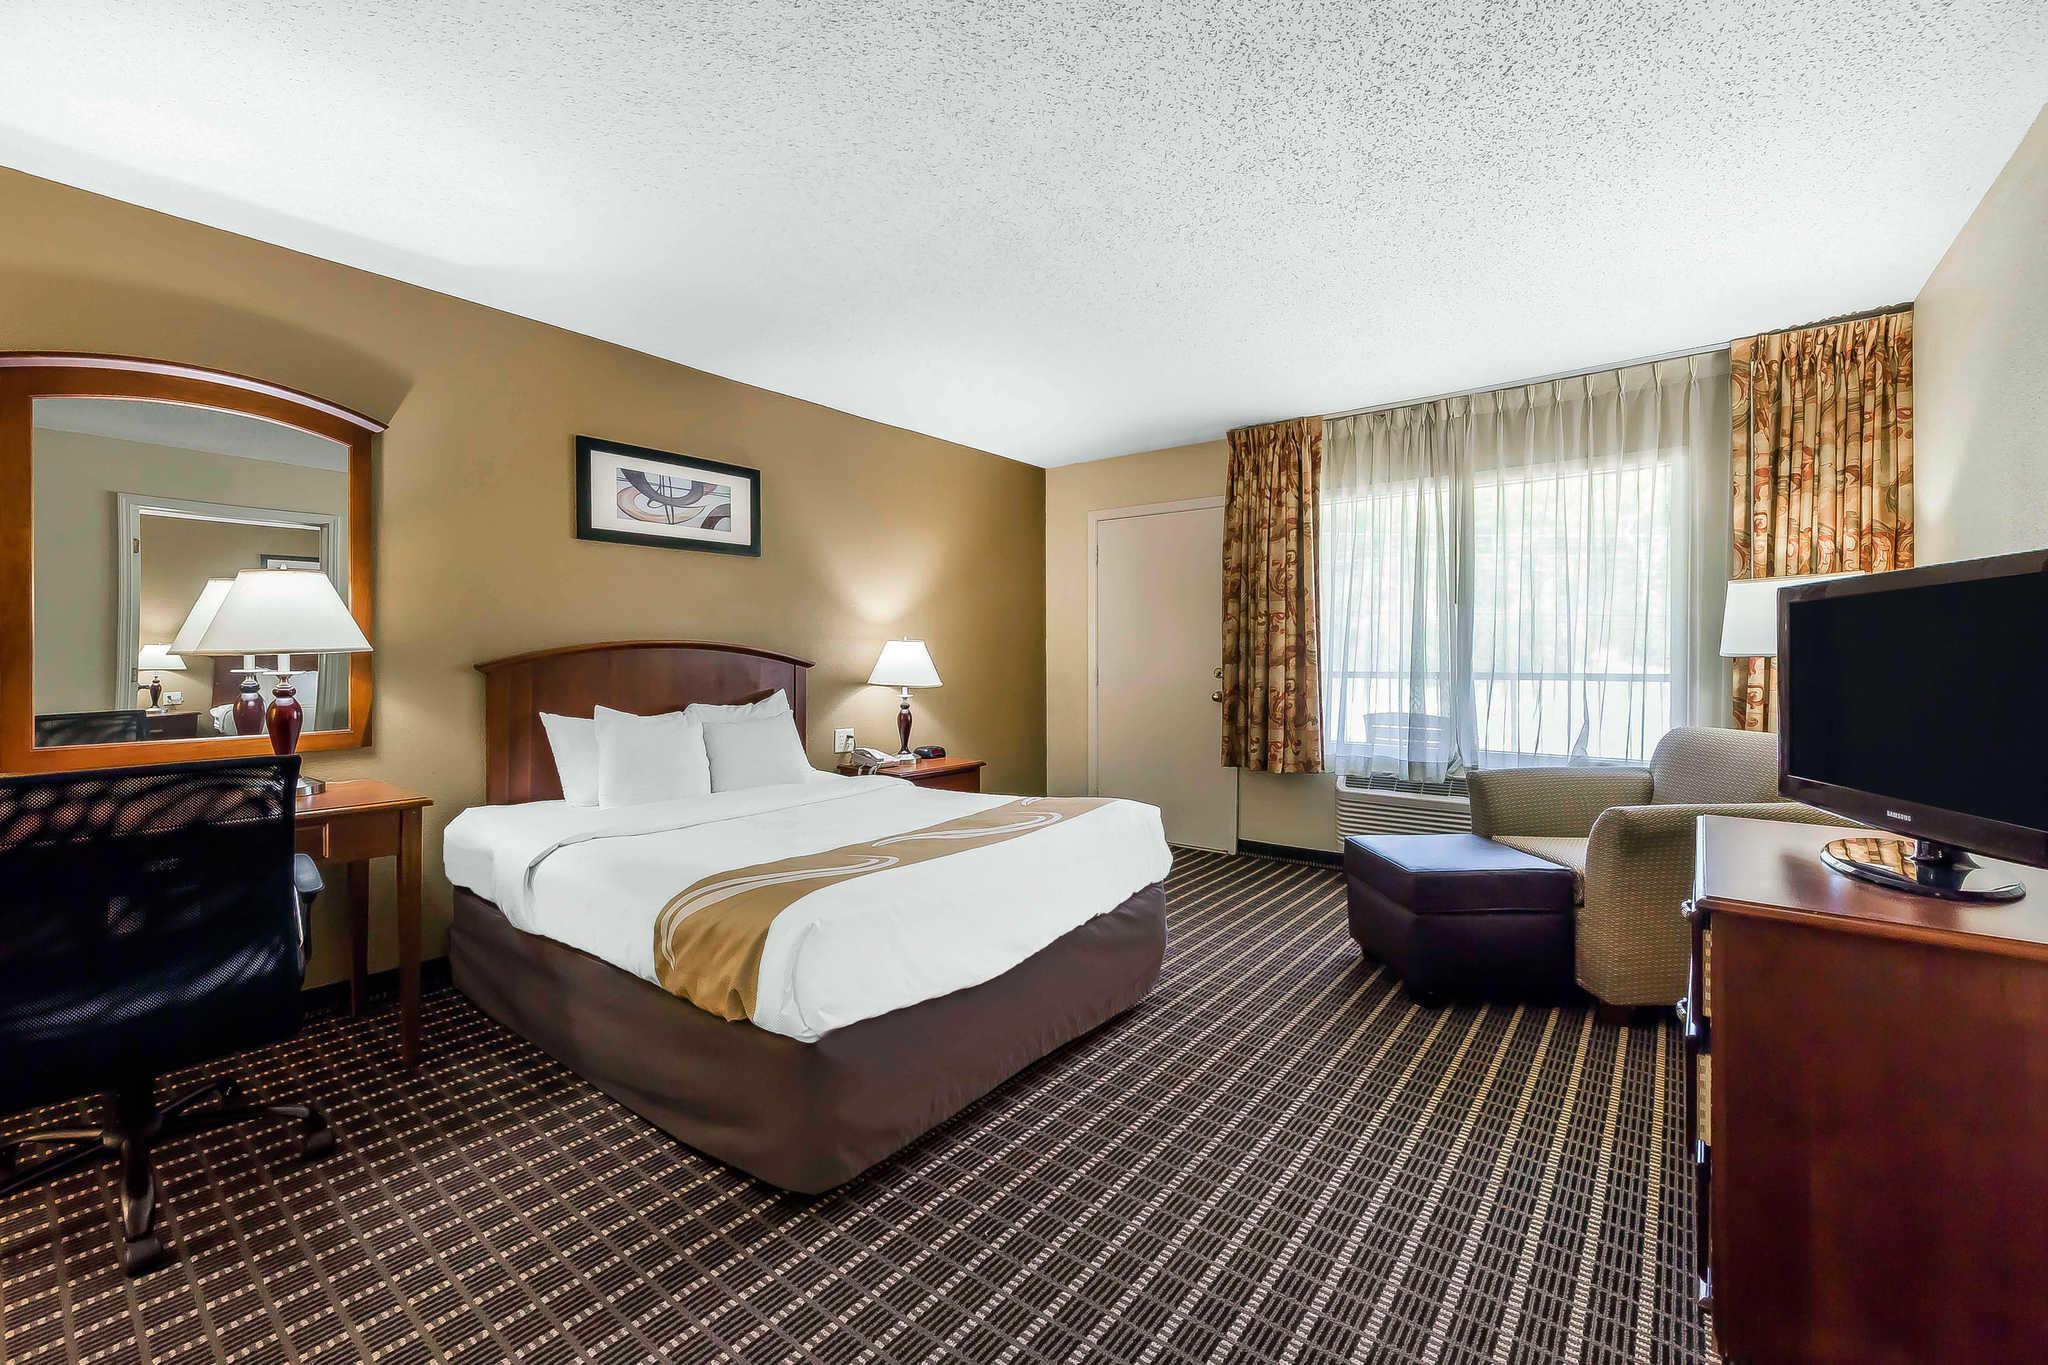 Quality Inn & Suites River Suites image 25